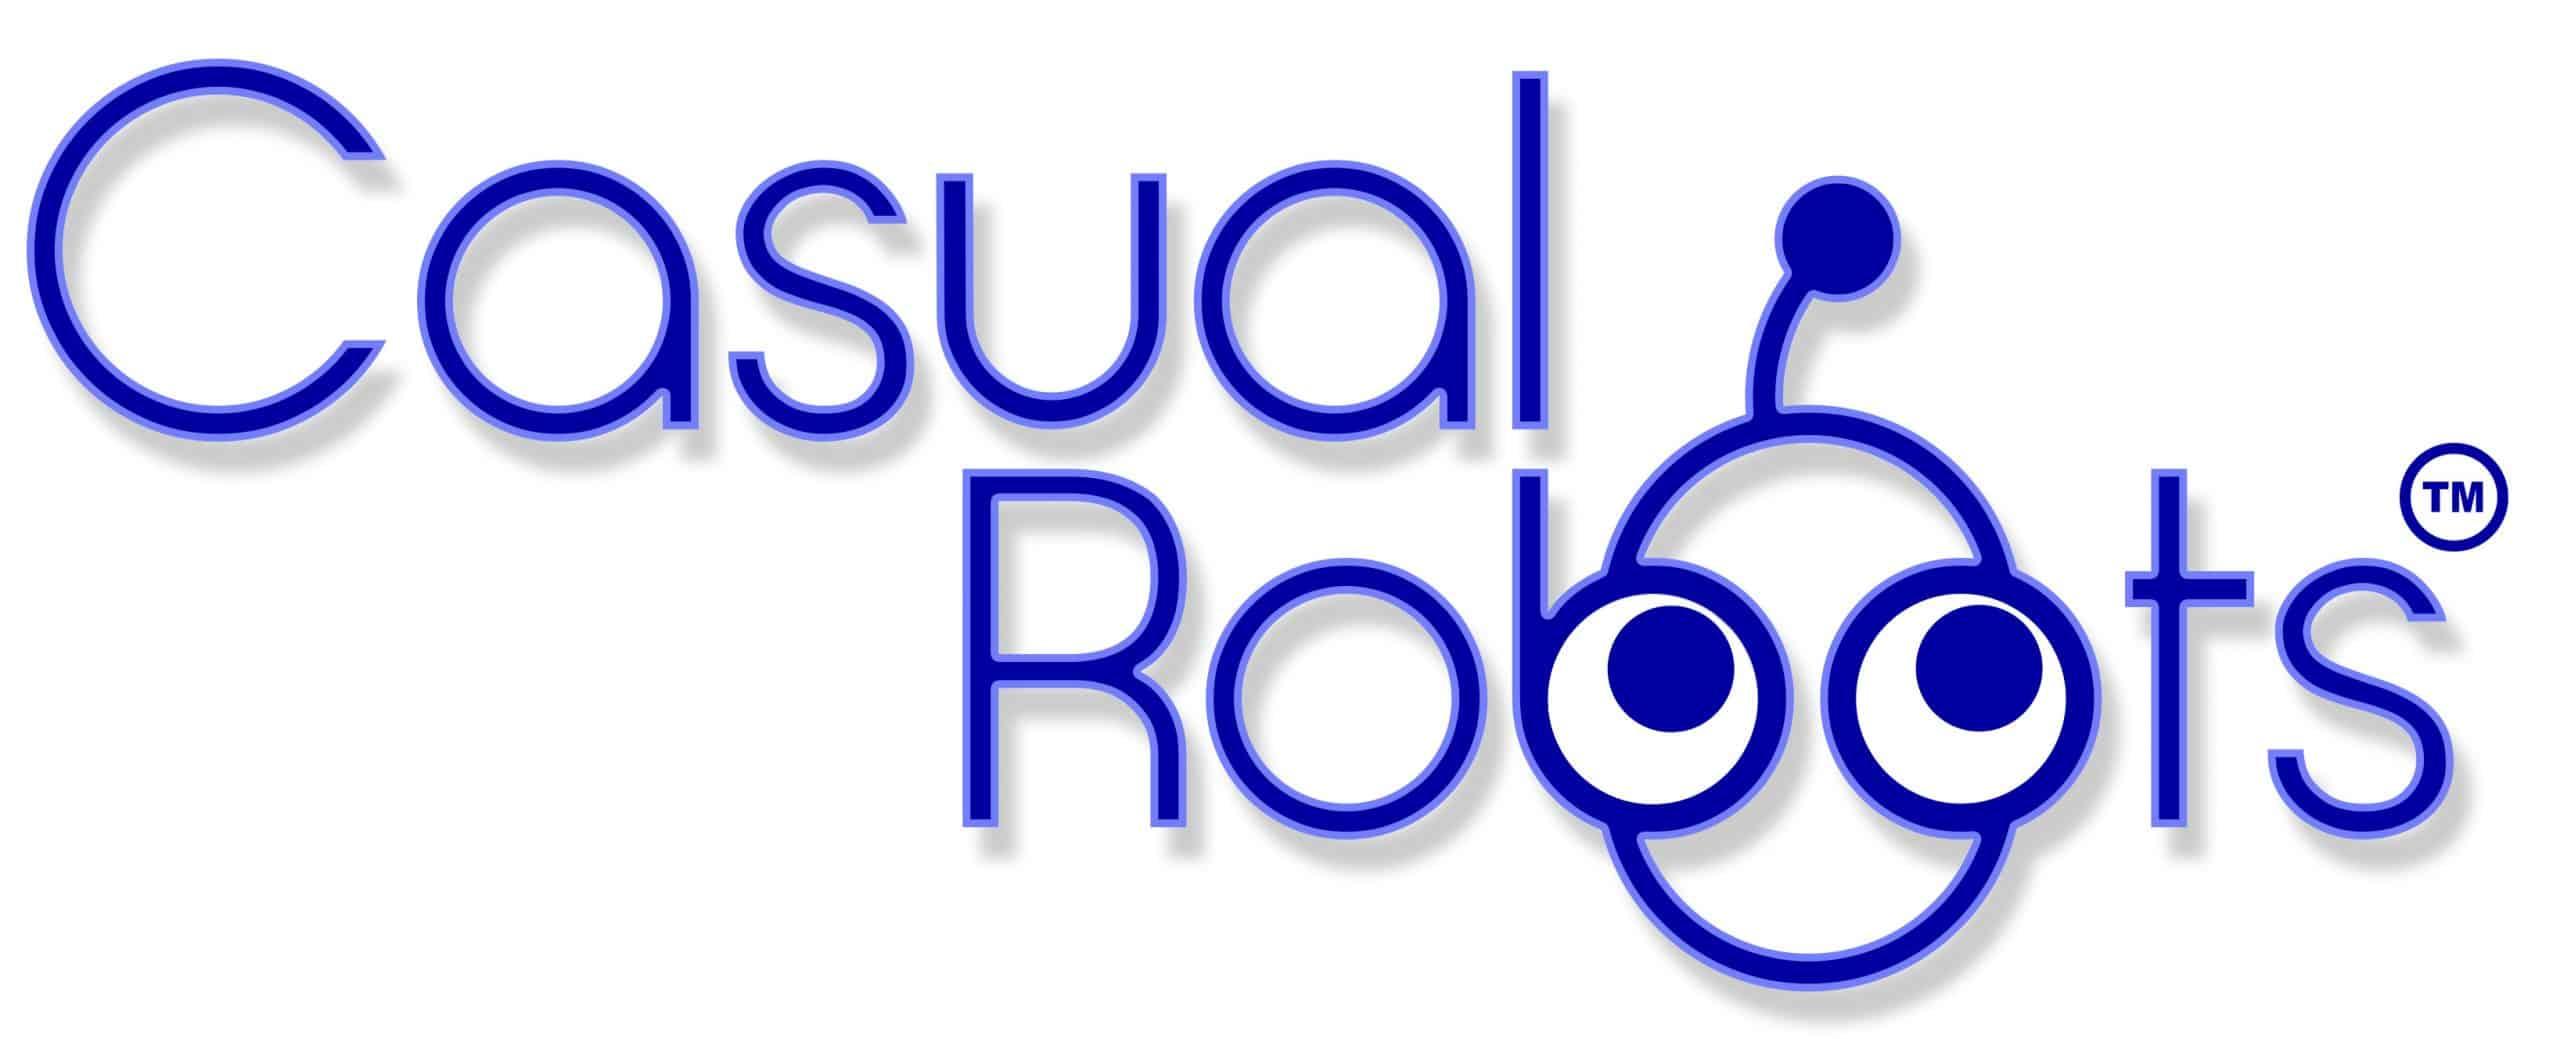 CASUAL ROBOTS